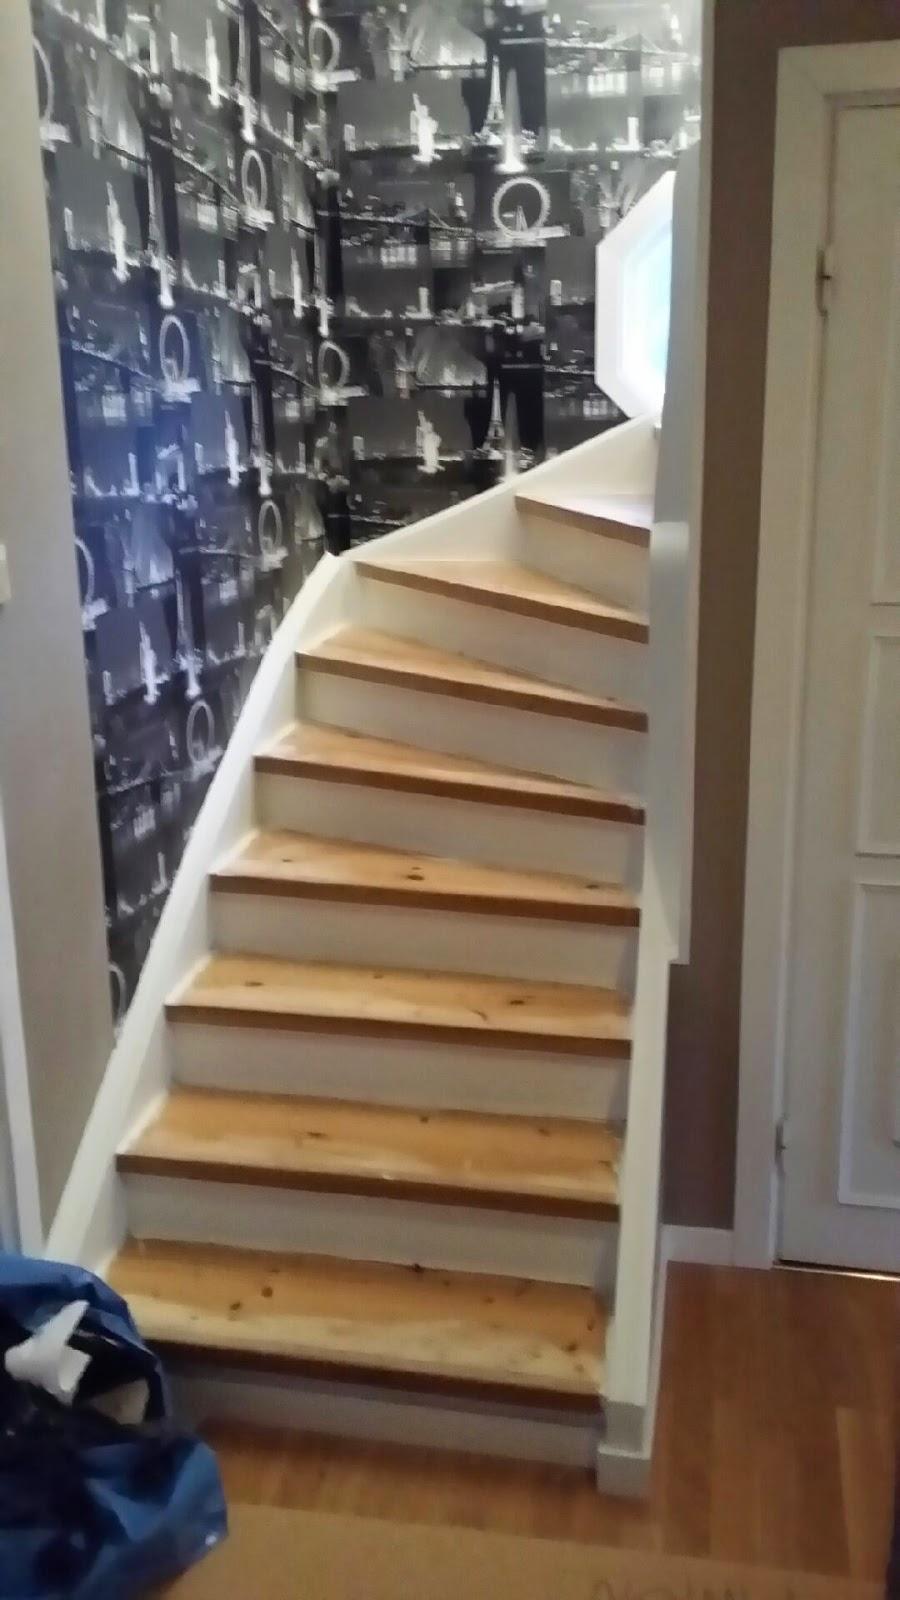 Uffes bygg: mattläggning i svängd trappa!